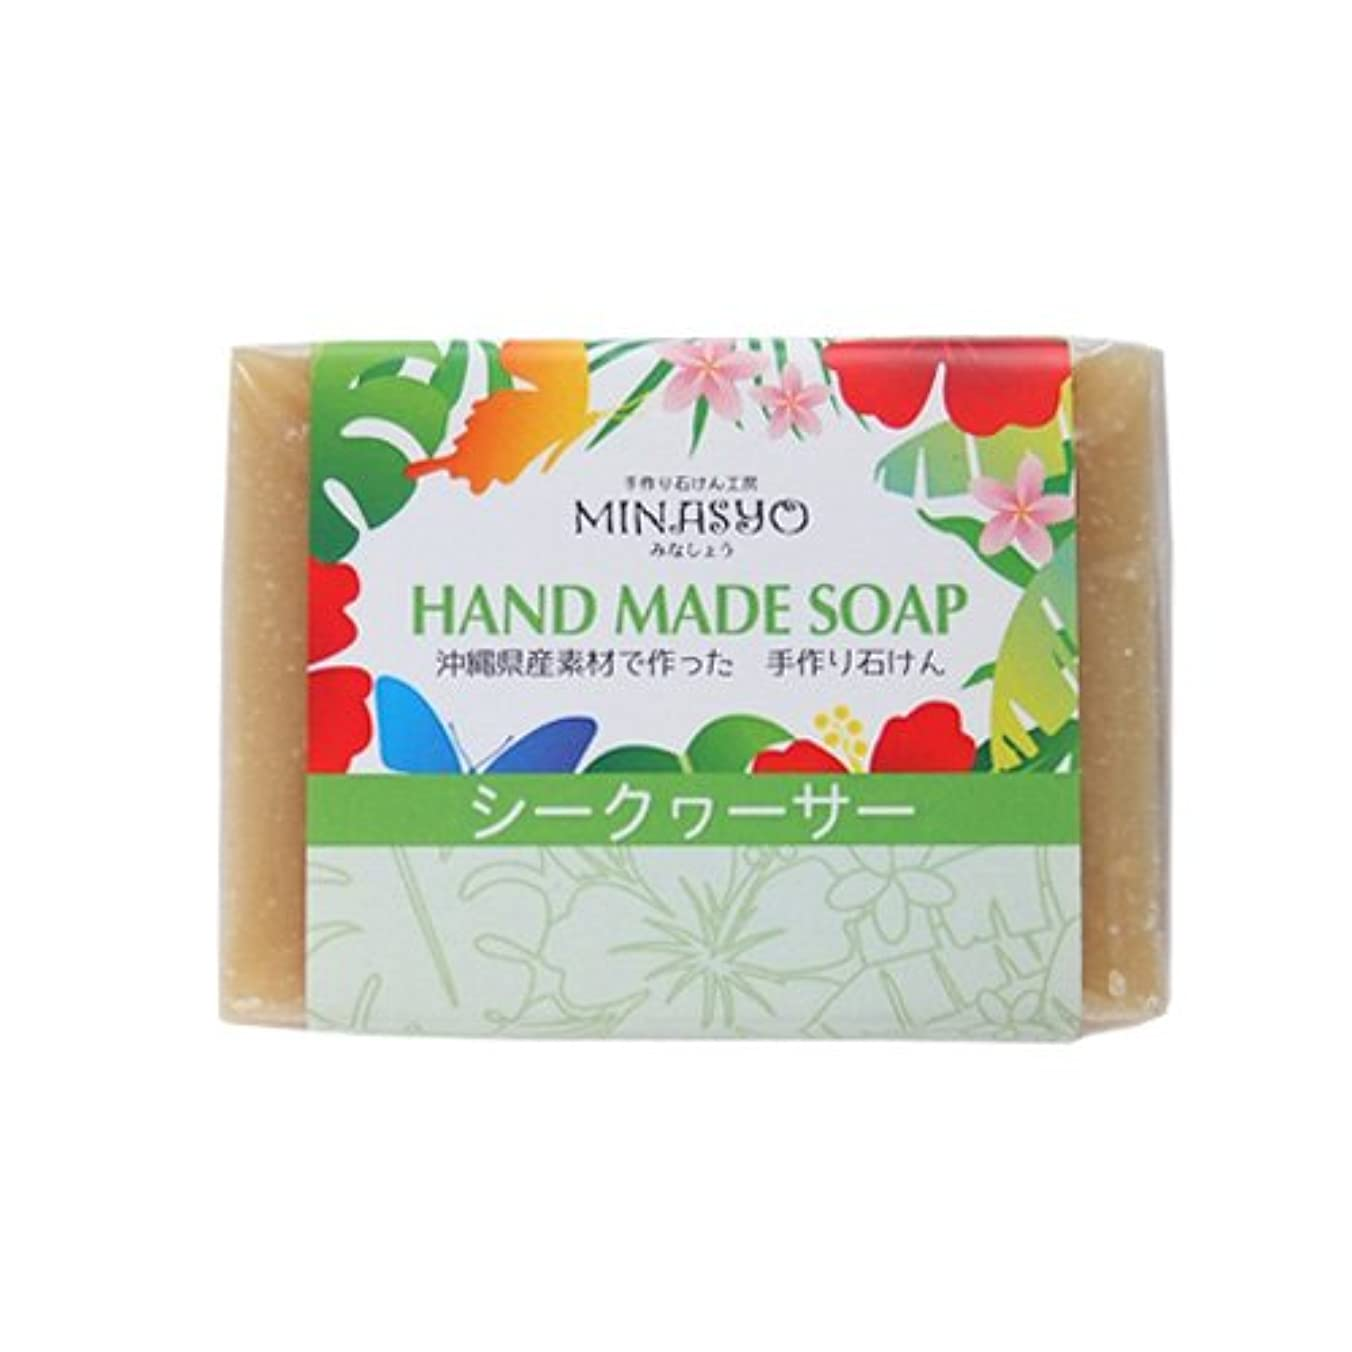 ペルセウス安定見分ける洗顔石鹸 無添加 固形ハンドソープ ボディソープ 手作りシークワーサー石鹸